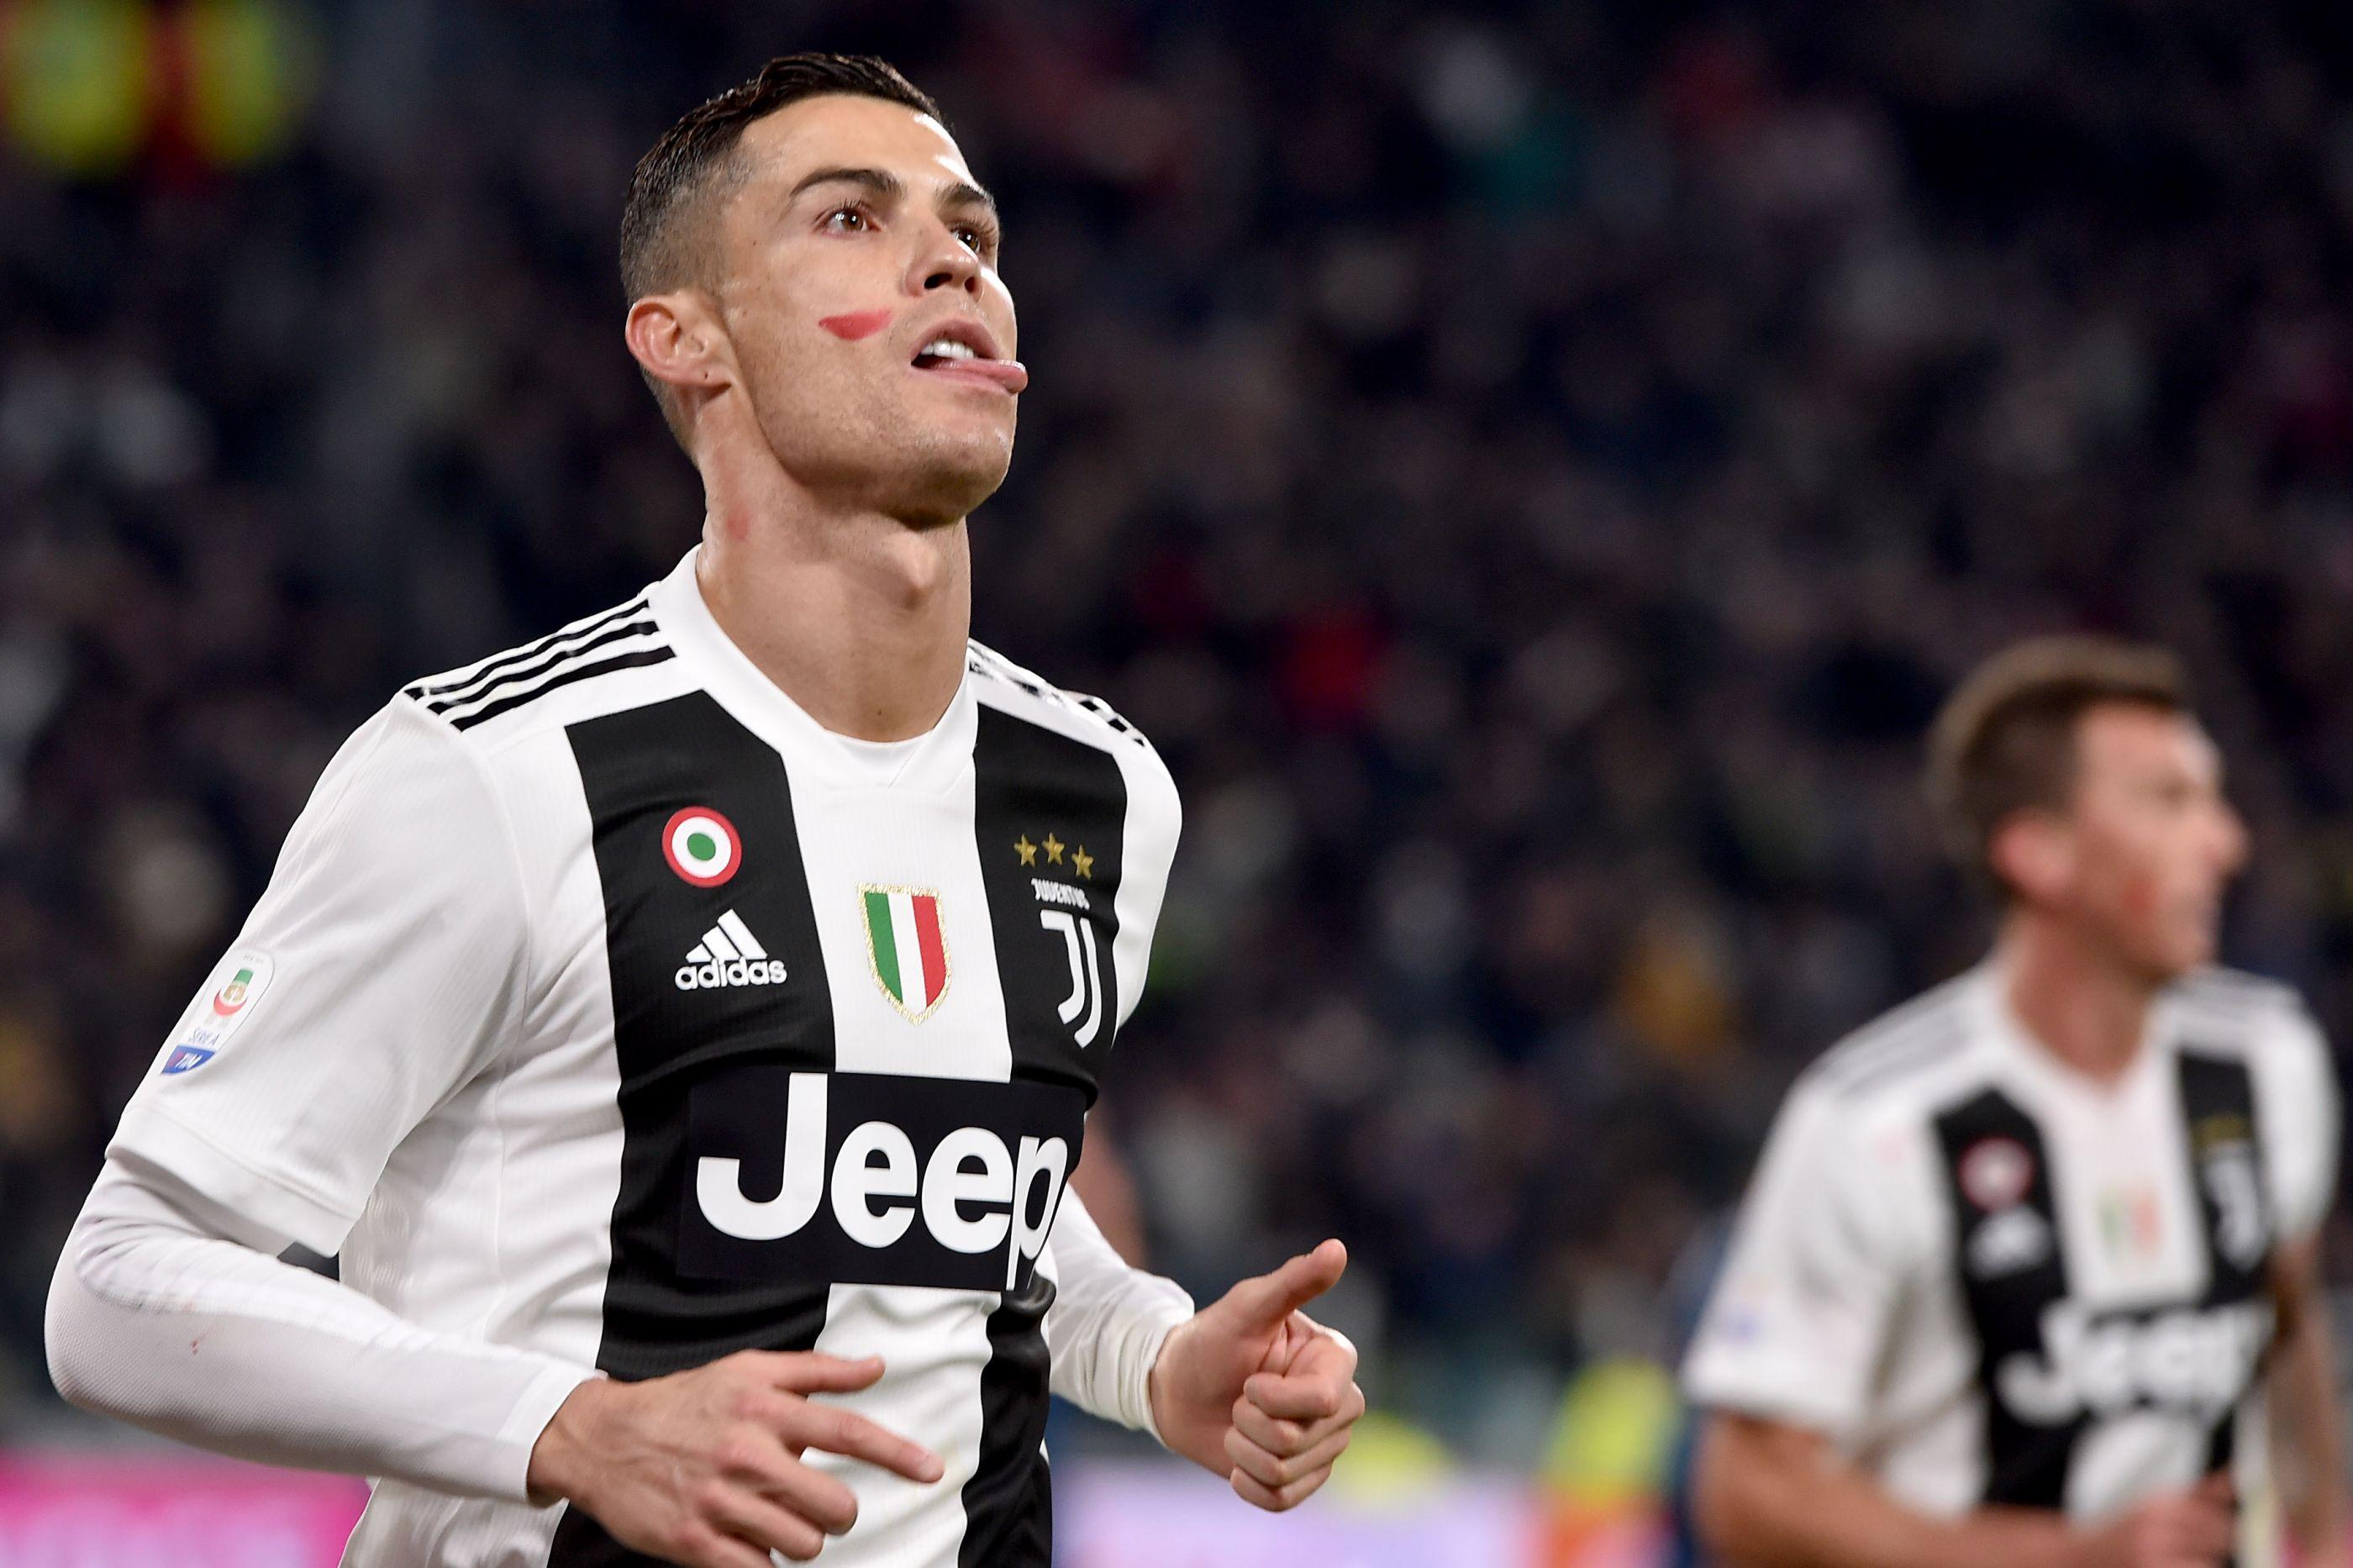 O pormenor no rosto de CR7 que saltou à vista no jogo da Juventus